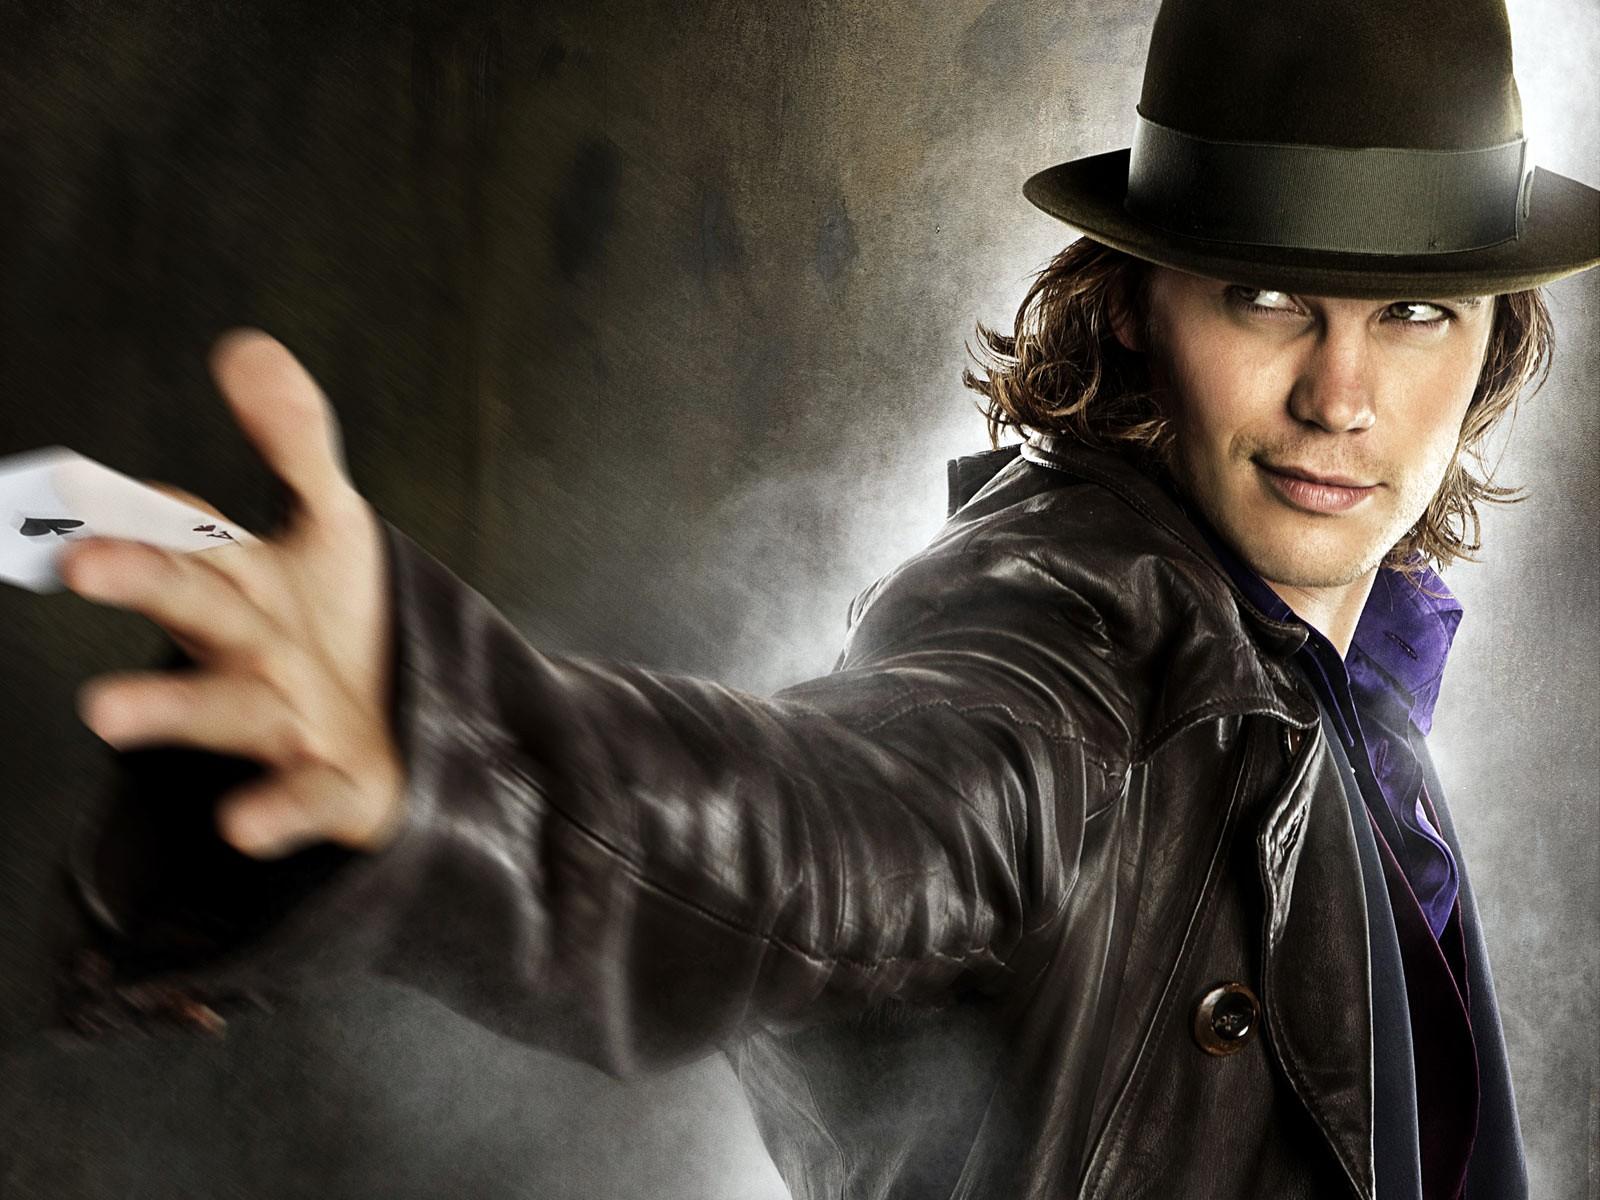 Wallpaper di Taylor Kitsch che interpreta Gambit nel film X-Men - Le origini: Wolverine